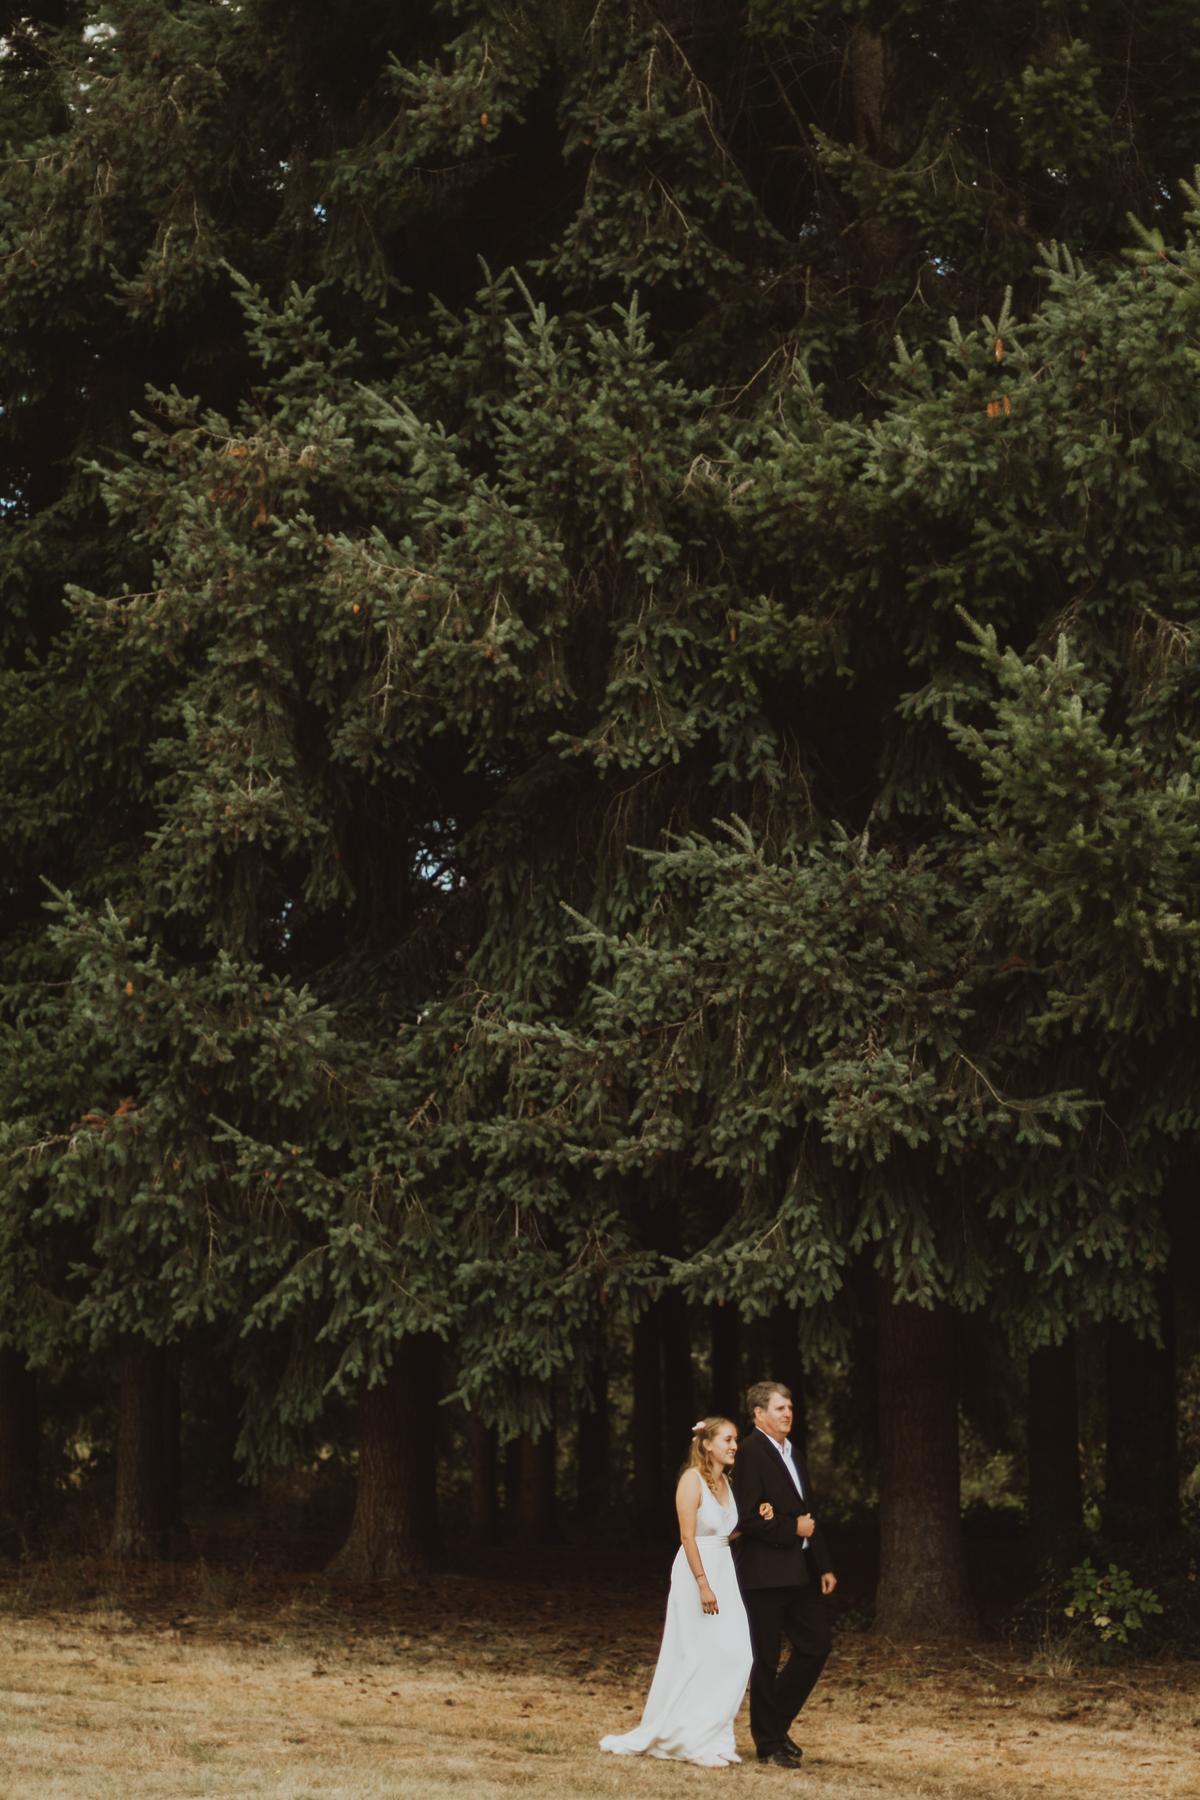 WB 09.16.18   Galizia Wedding 0008.JPG